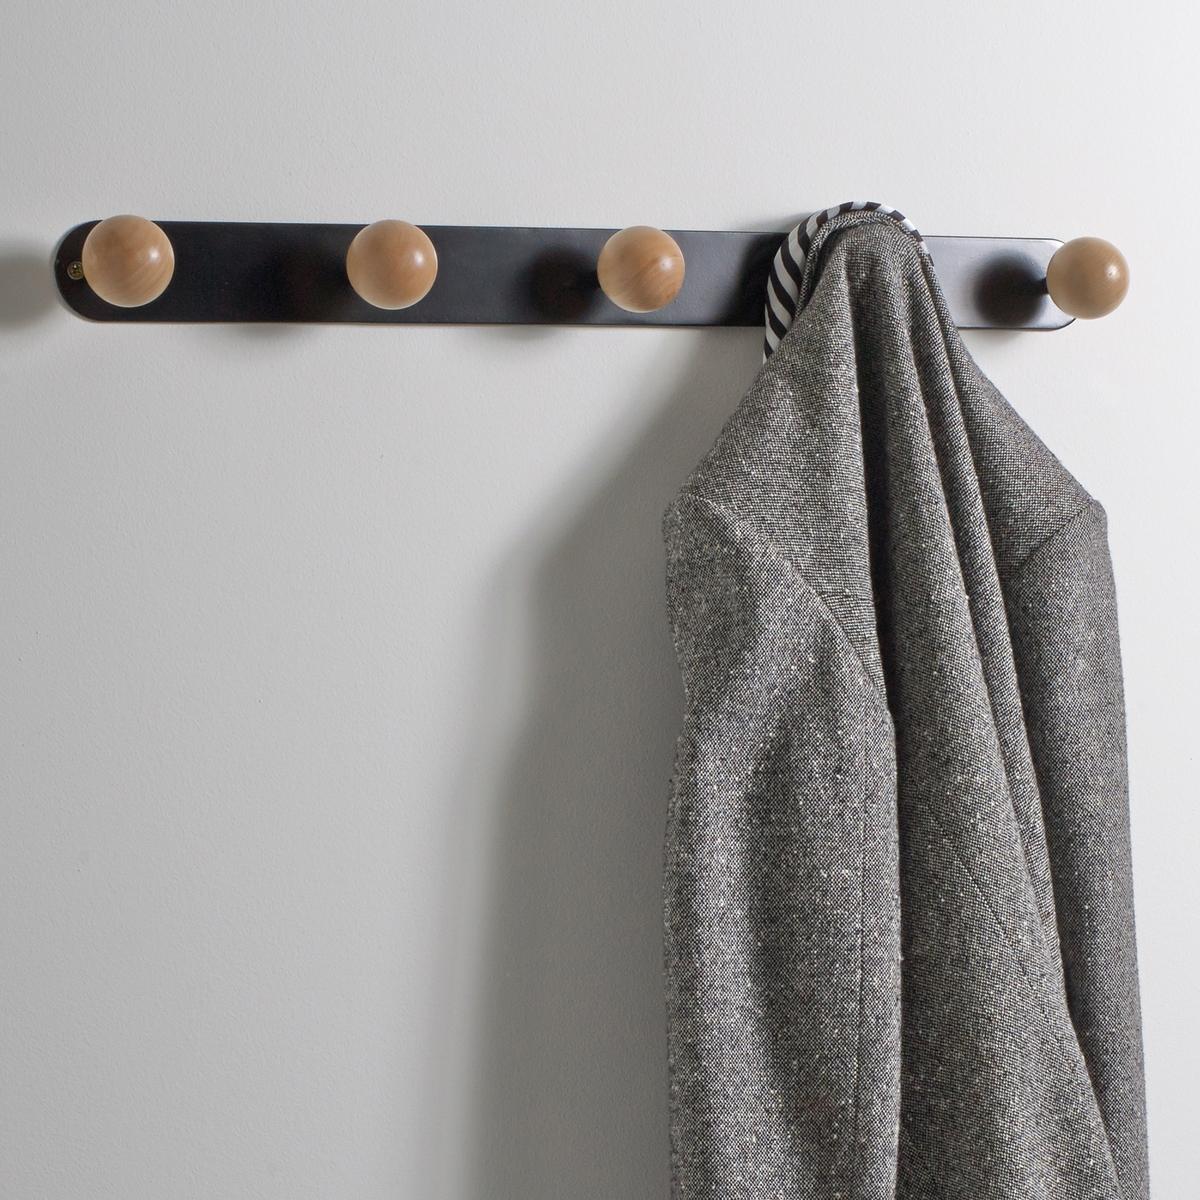 Вешалка настенная с 5 крючками AGAMAПрактичная вешалка AGAMA легко найдет свое место на стене в спальной или прихожей Описание вешалки AGAMA:Вешалка с 5 округлыми крючками для крепления к стене (крепежные элементы не входят в комплект).Вешалка требует самостоятельного монтажа.Характеристики вешалки AGAMA: 5 крючков в форме шаров из натуральной березы.Каркас вешалки из металла с матовой отделкой.Размеры вешалки AGAMA:Длина: 80 см.Глубина: 7,5 см.Высота: 5,2 см.<br><br>Цвет: белый,черный